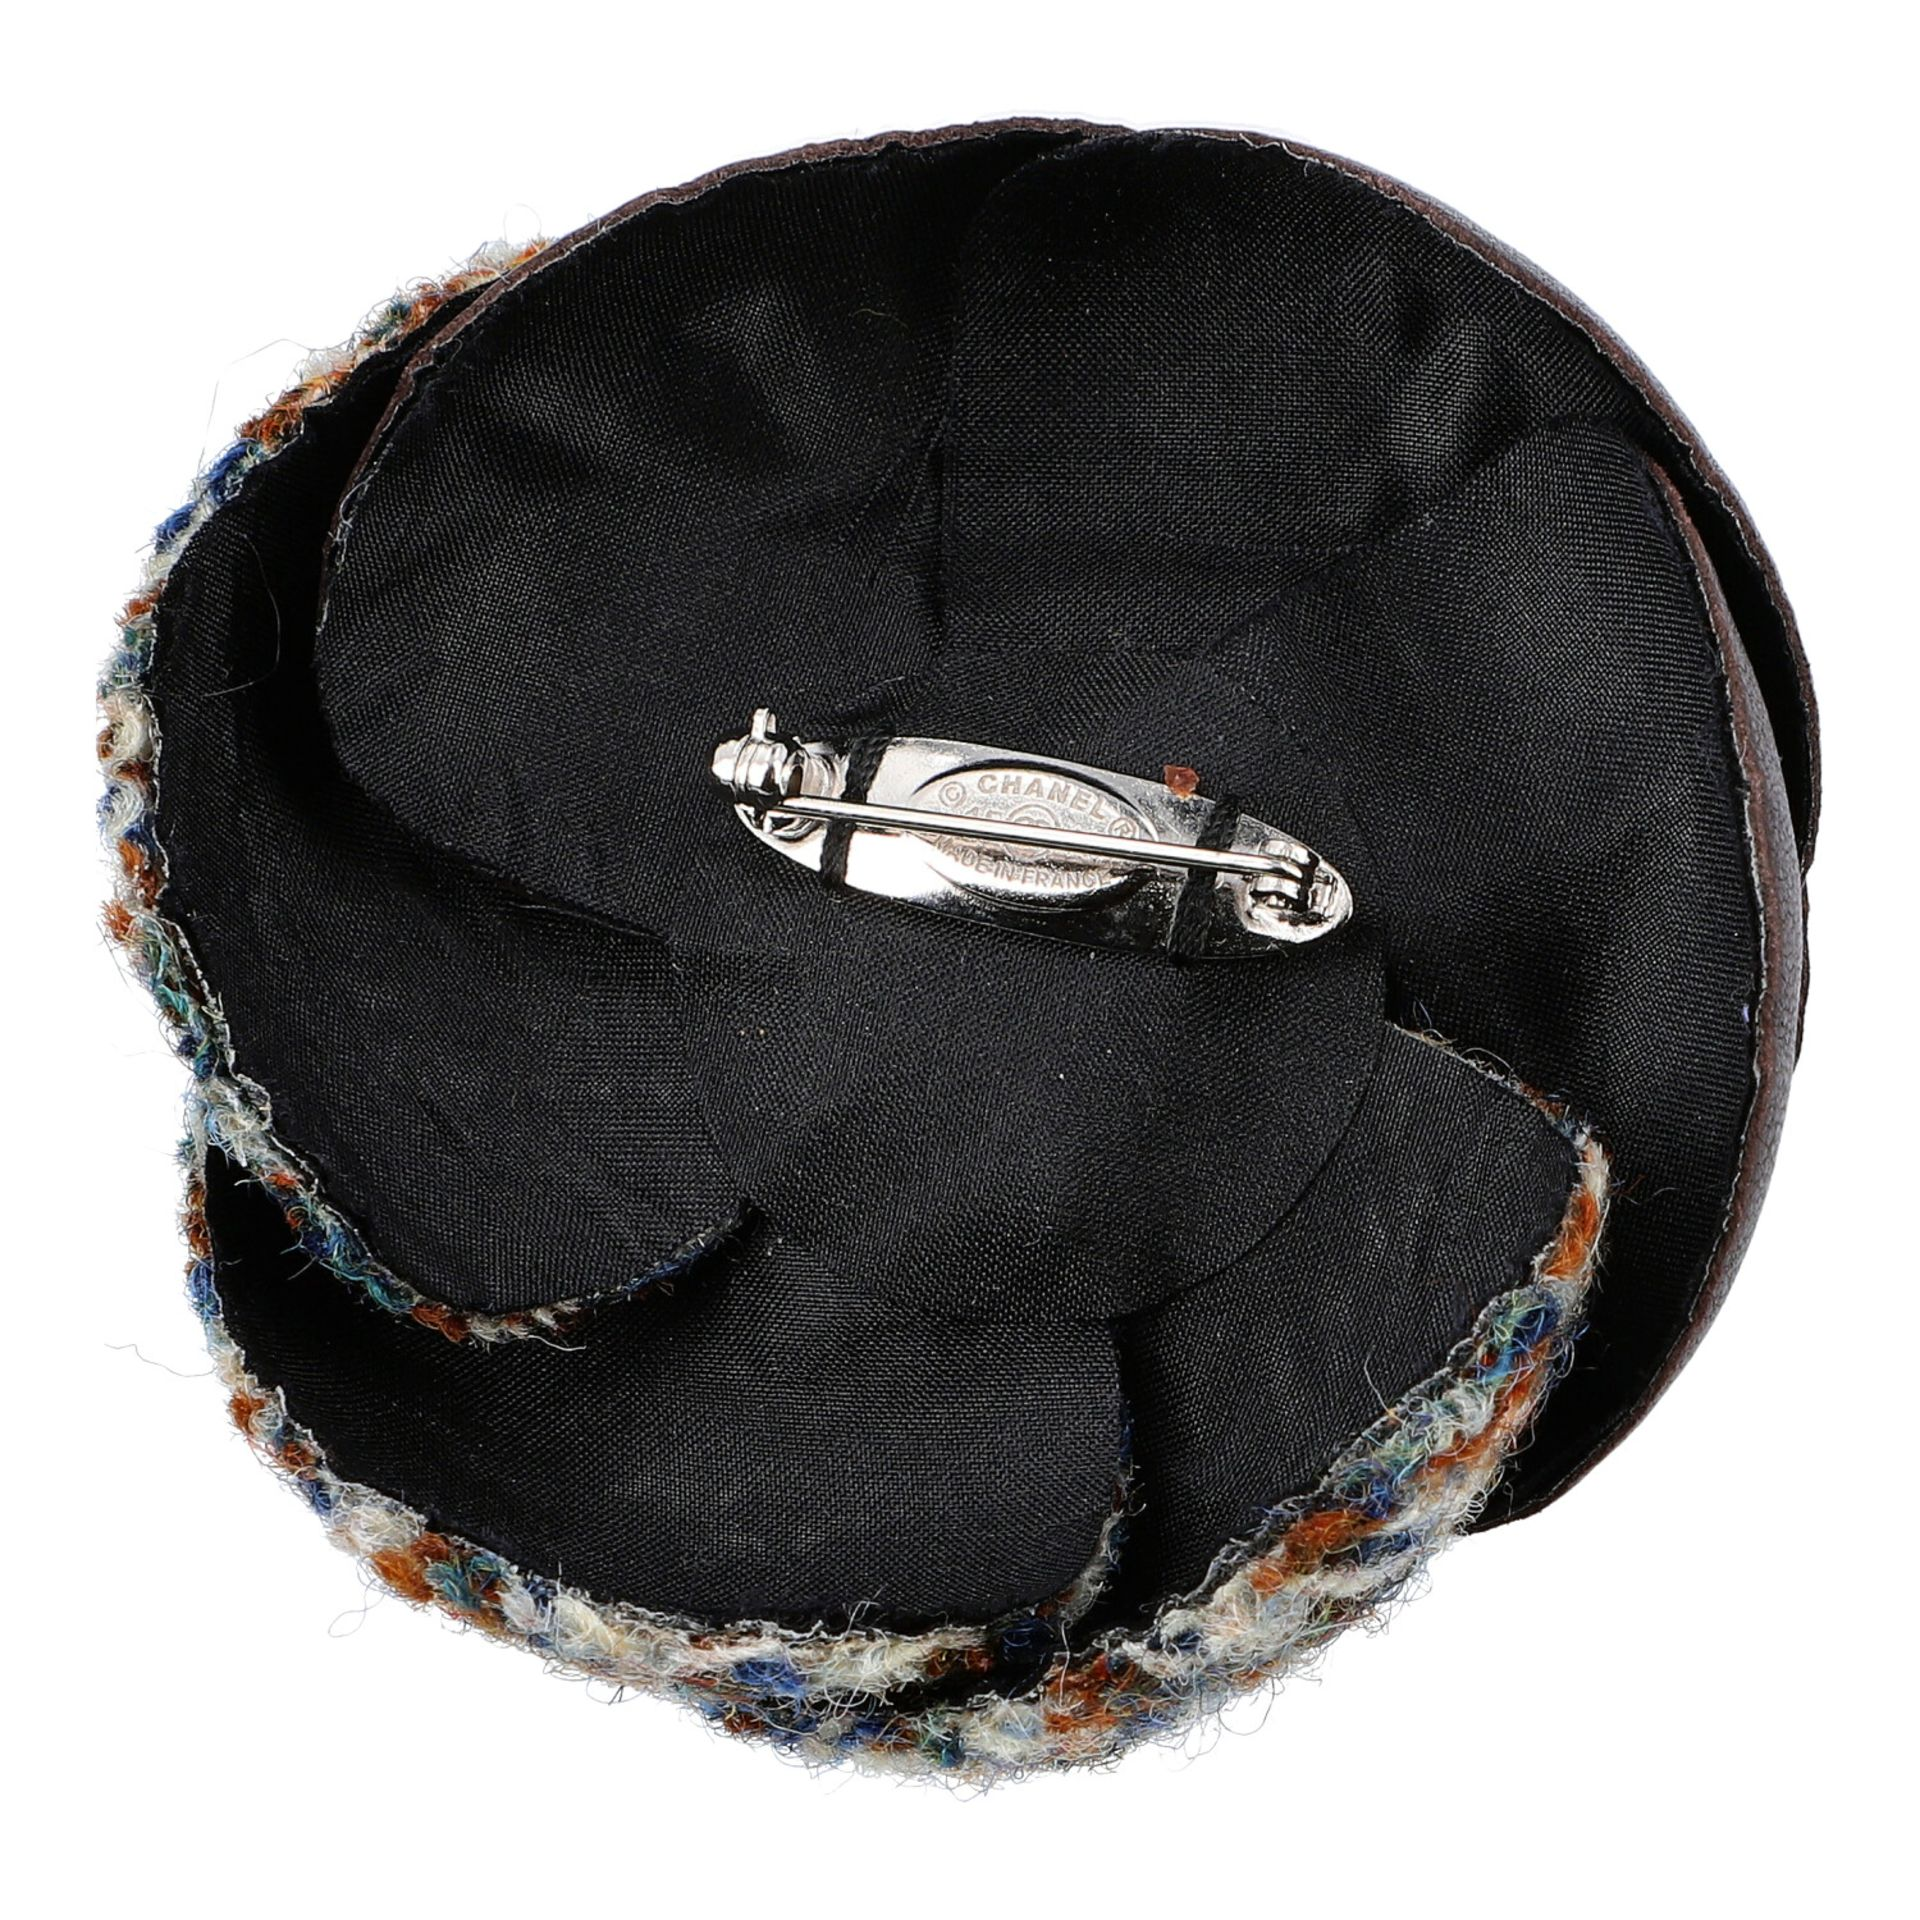 CHANEL Kamelien-Brosche, Koll. 2015.Tweed in Erdtönen mit braunem Leder. Sehr guter Erhalt. 7x7cm. - Bild 3 aus 3